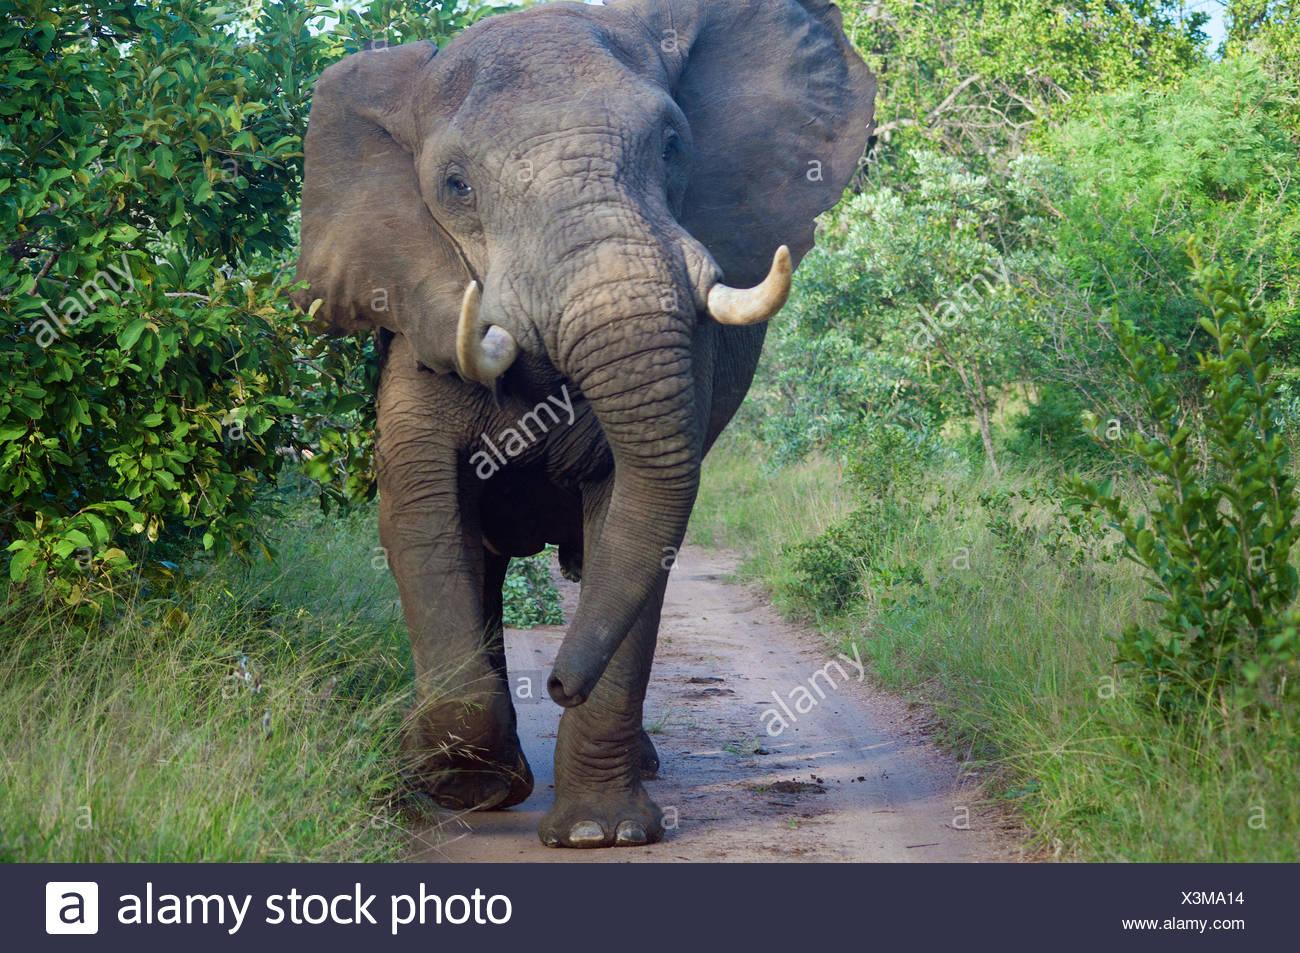 Bull elefante de pie en carretera, Limpopo, Sudáfrica Imagen De Stock